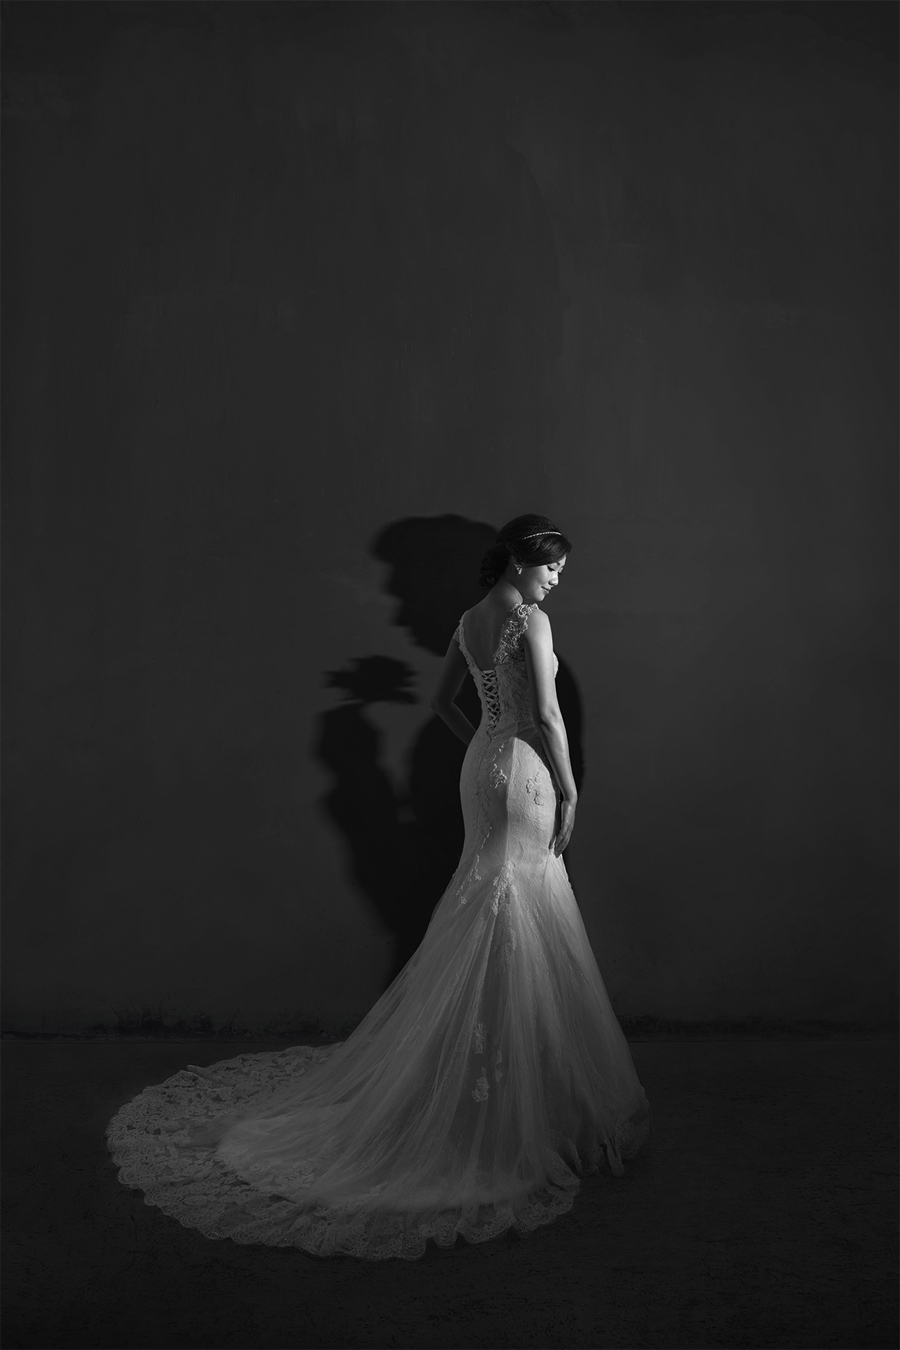 Лено Оой / Leno Ooi, Первое место в категории «Творчество — Свадебная пара: День вне свадьбы», Фотоконкурс WPPI Annual Print Competition